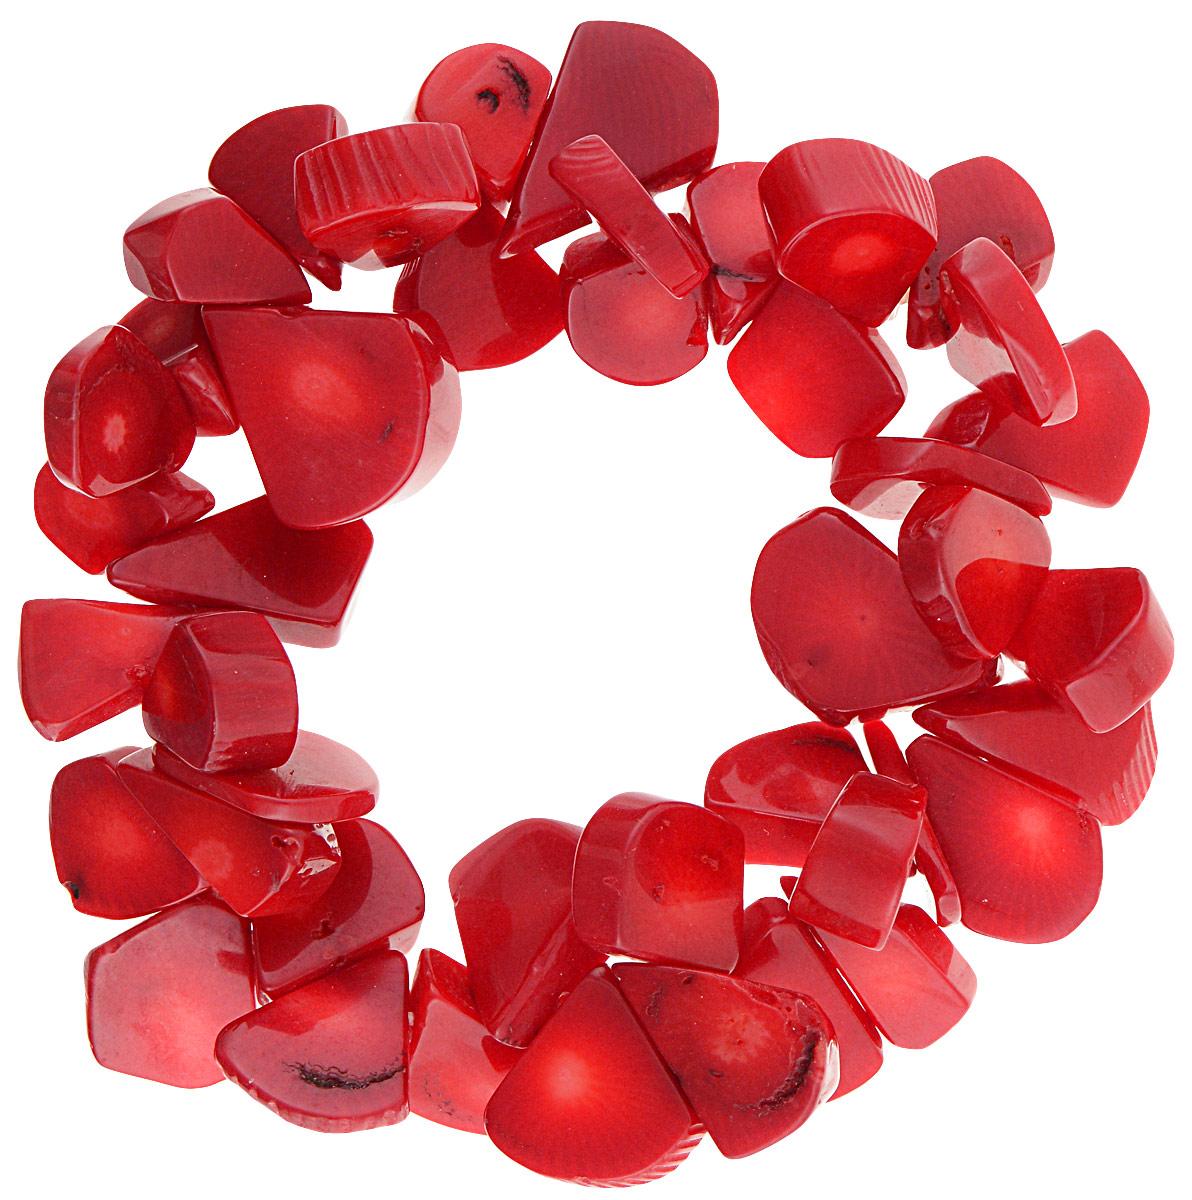 Браслет Vittorio Richi, цвет: темно-красный. 91523651vr91523651vrБраслет Vittorio Richi с эластичной резинкой из силикона оформлен фигурками разной формы из натурального камня.